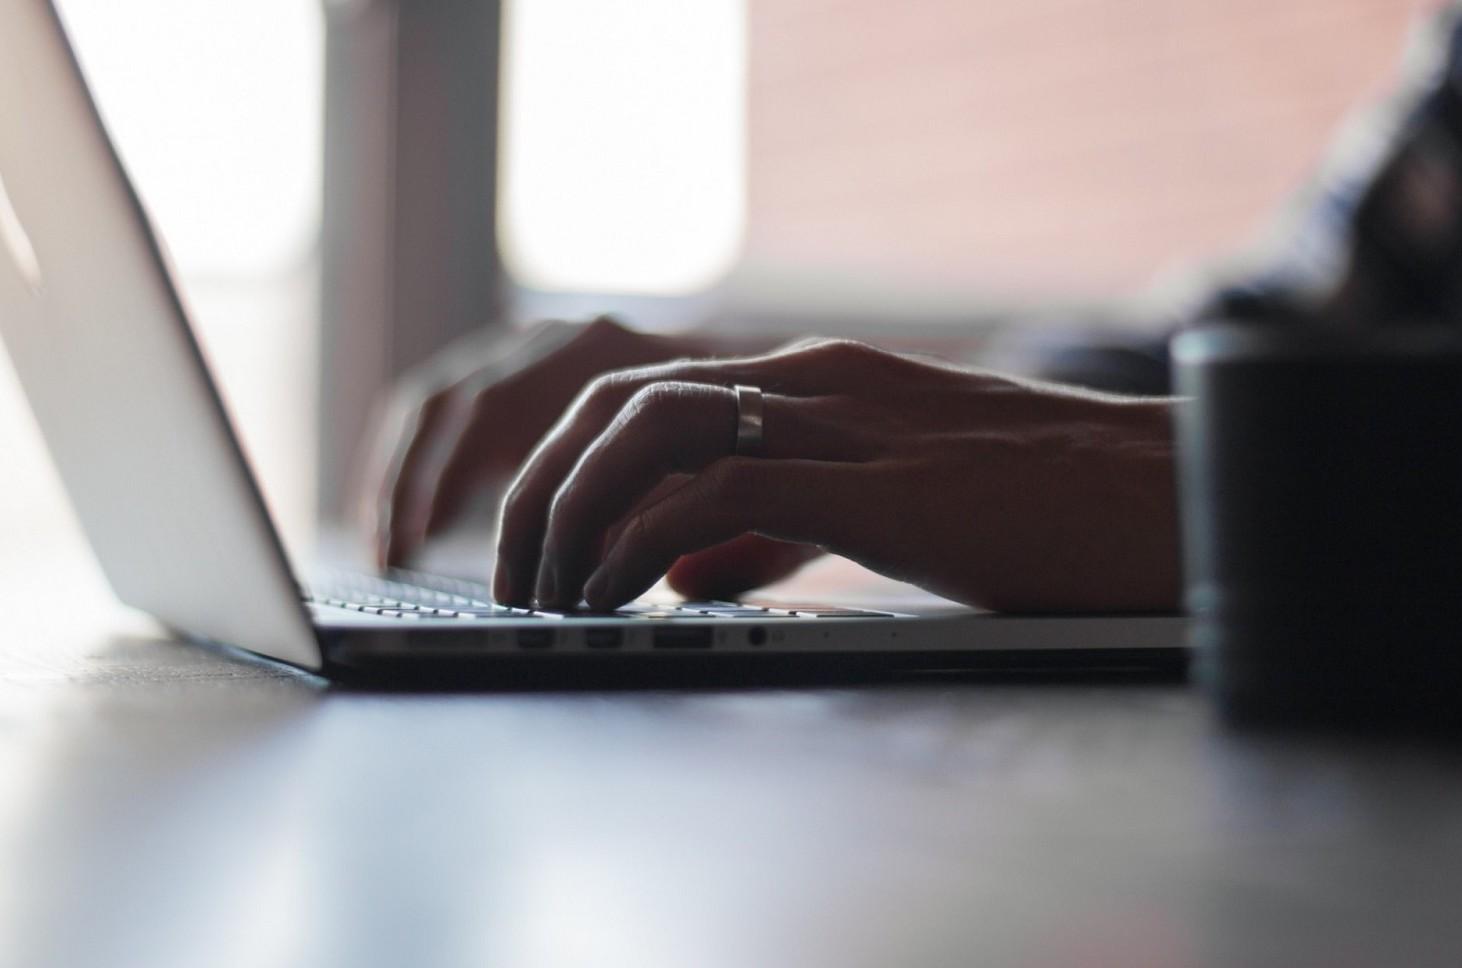 Prestiti tra privati online: le piattaforme più sicure